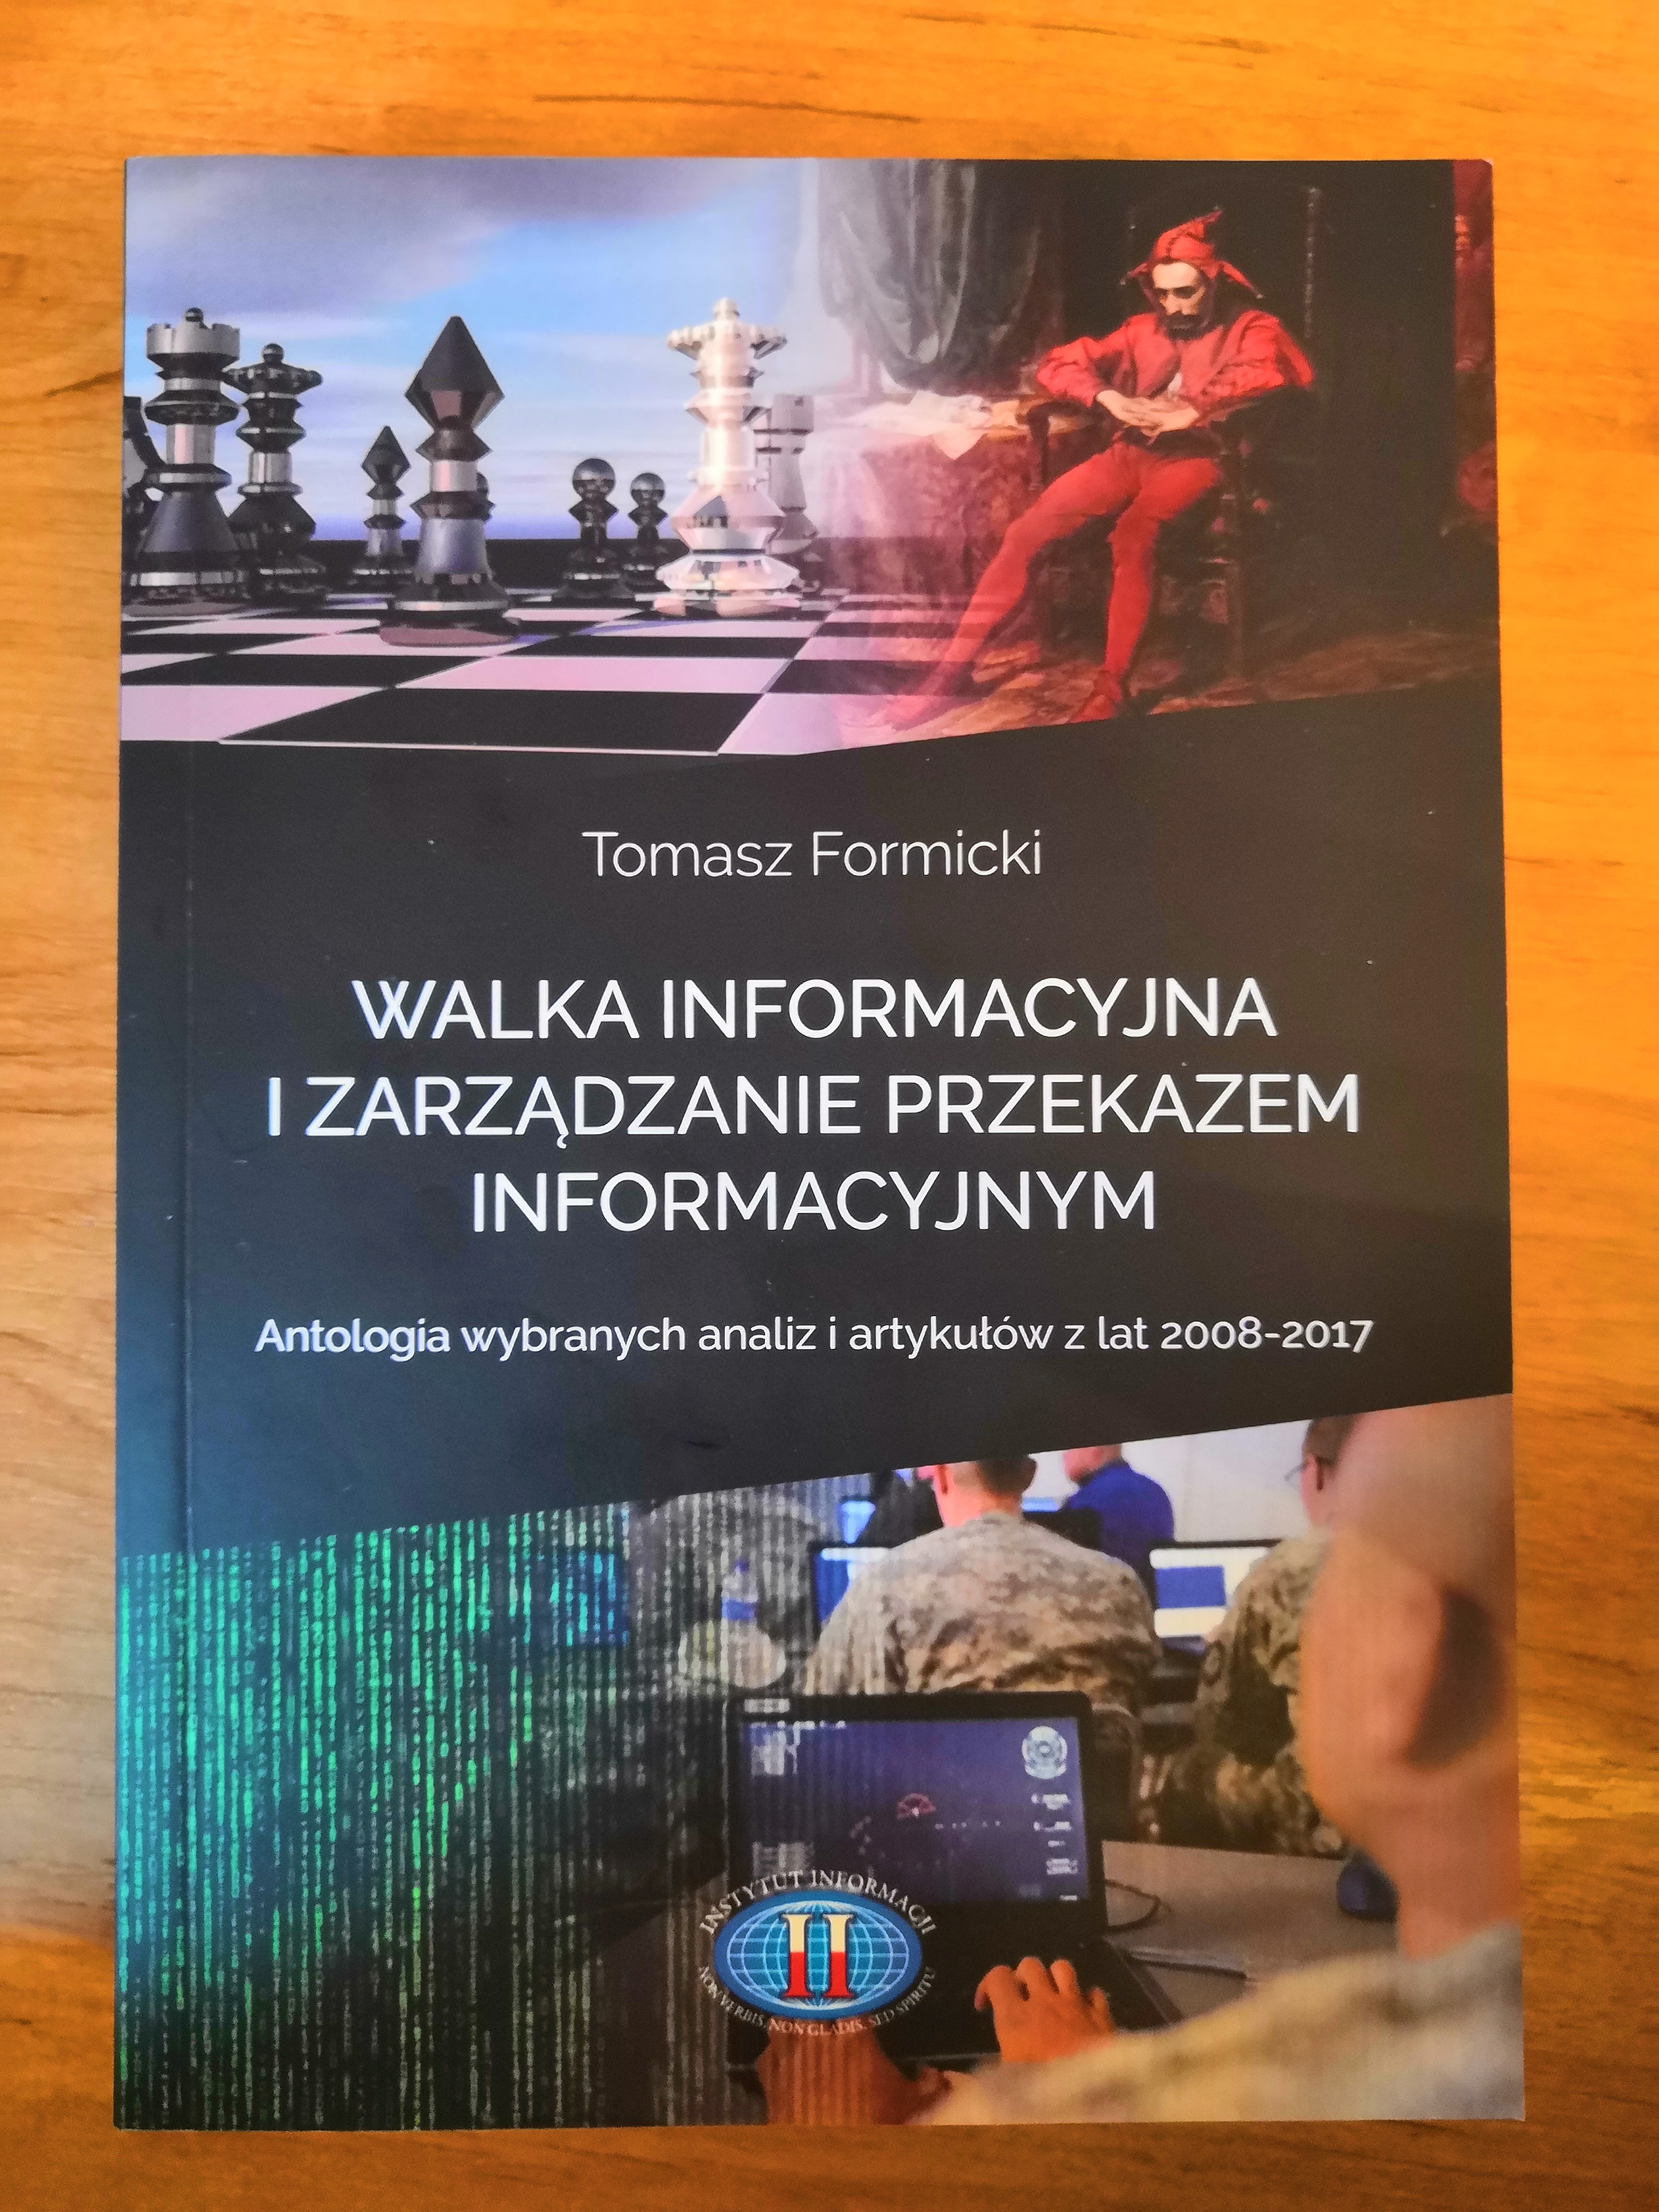 Walka informacyjna i zarządzanie przekzaem informacyjnym (T.Formicki)